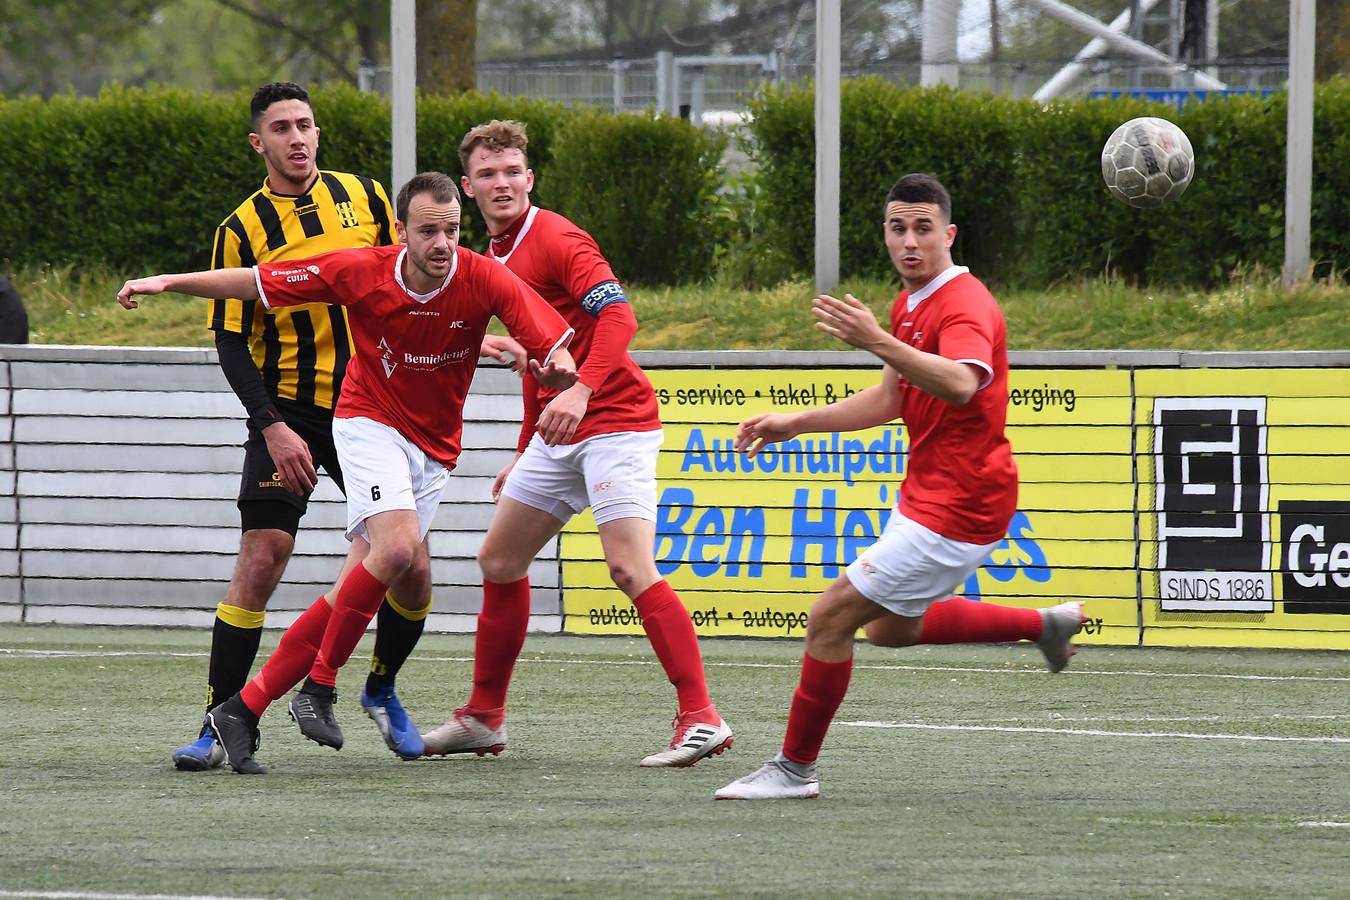 Ook Aleksander Lejic (rechts), aanvoerder Jurre Grotenhuis (tweede rechts) en Stan Broenland van JVC Cuijk in de met 4-0 verloren thuiswedstrijd tegen OFC van vorige week.